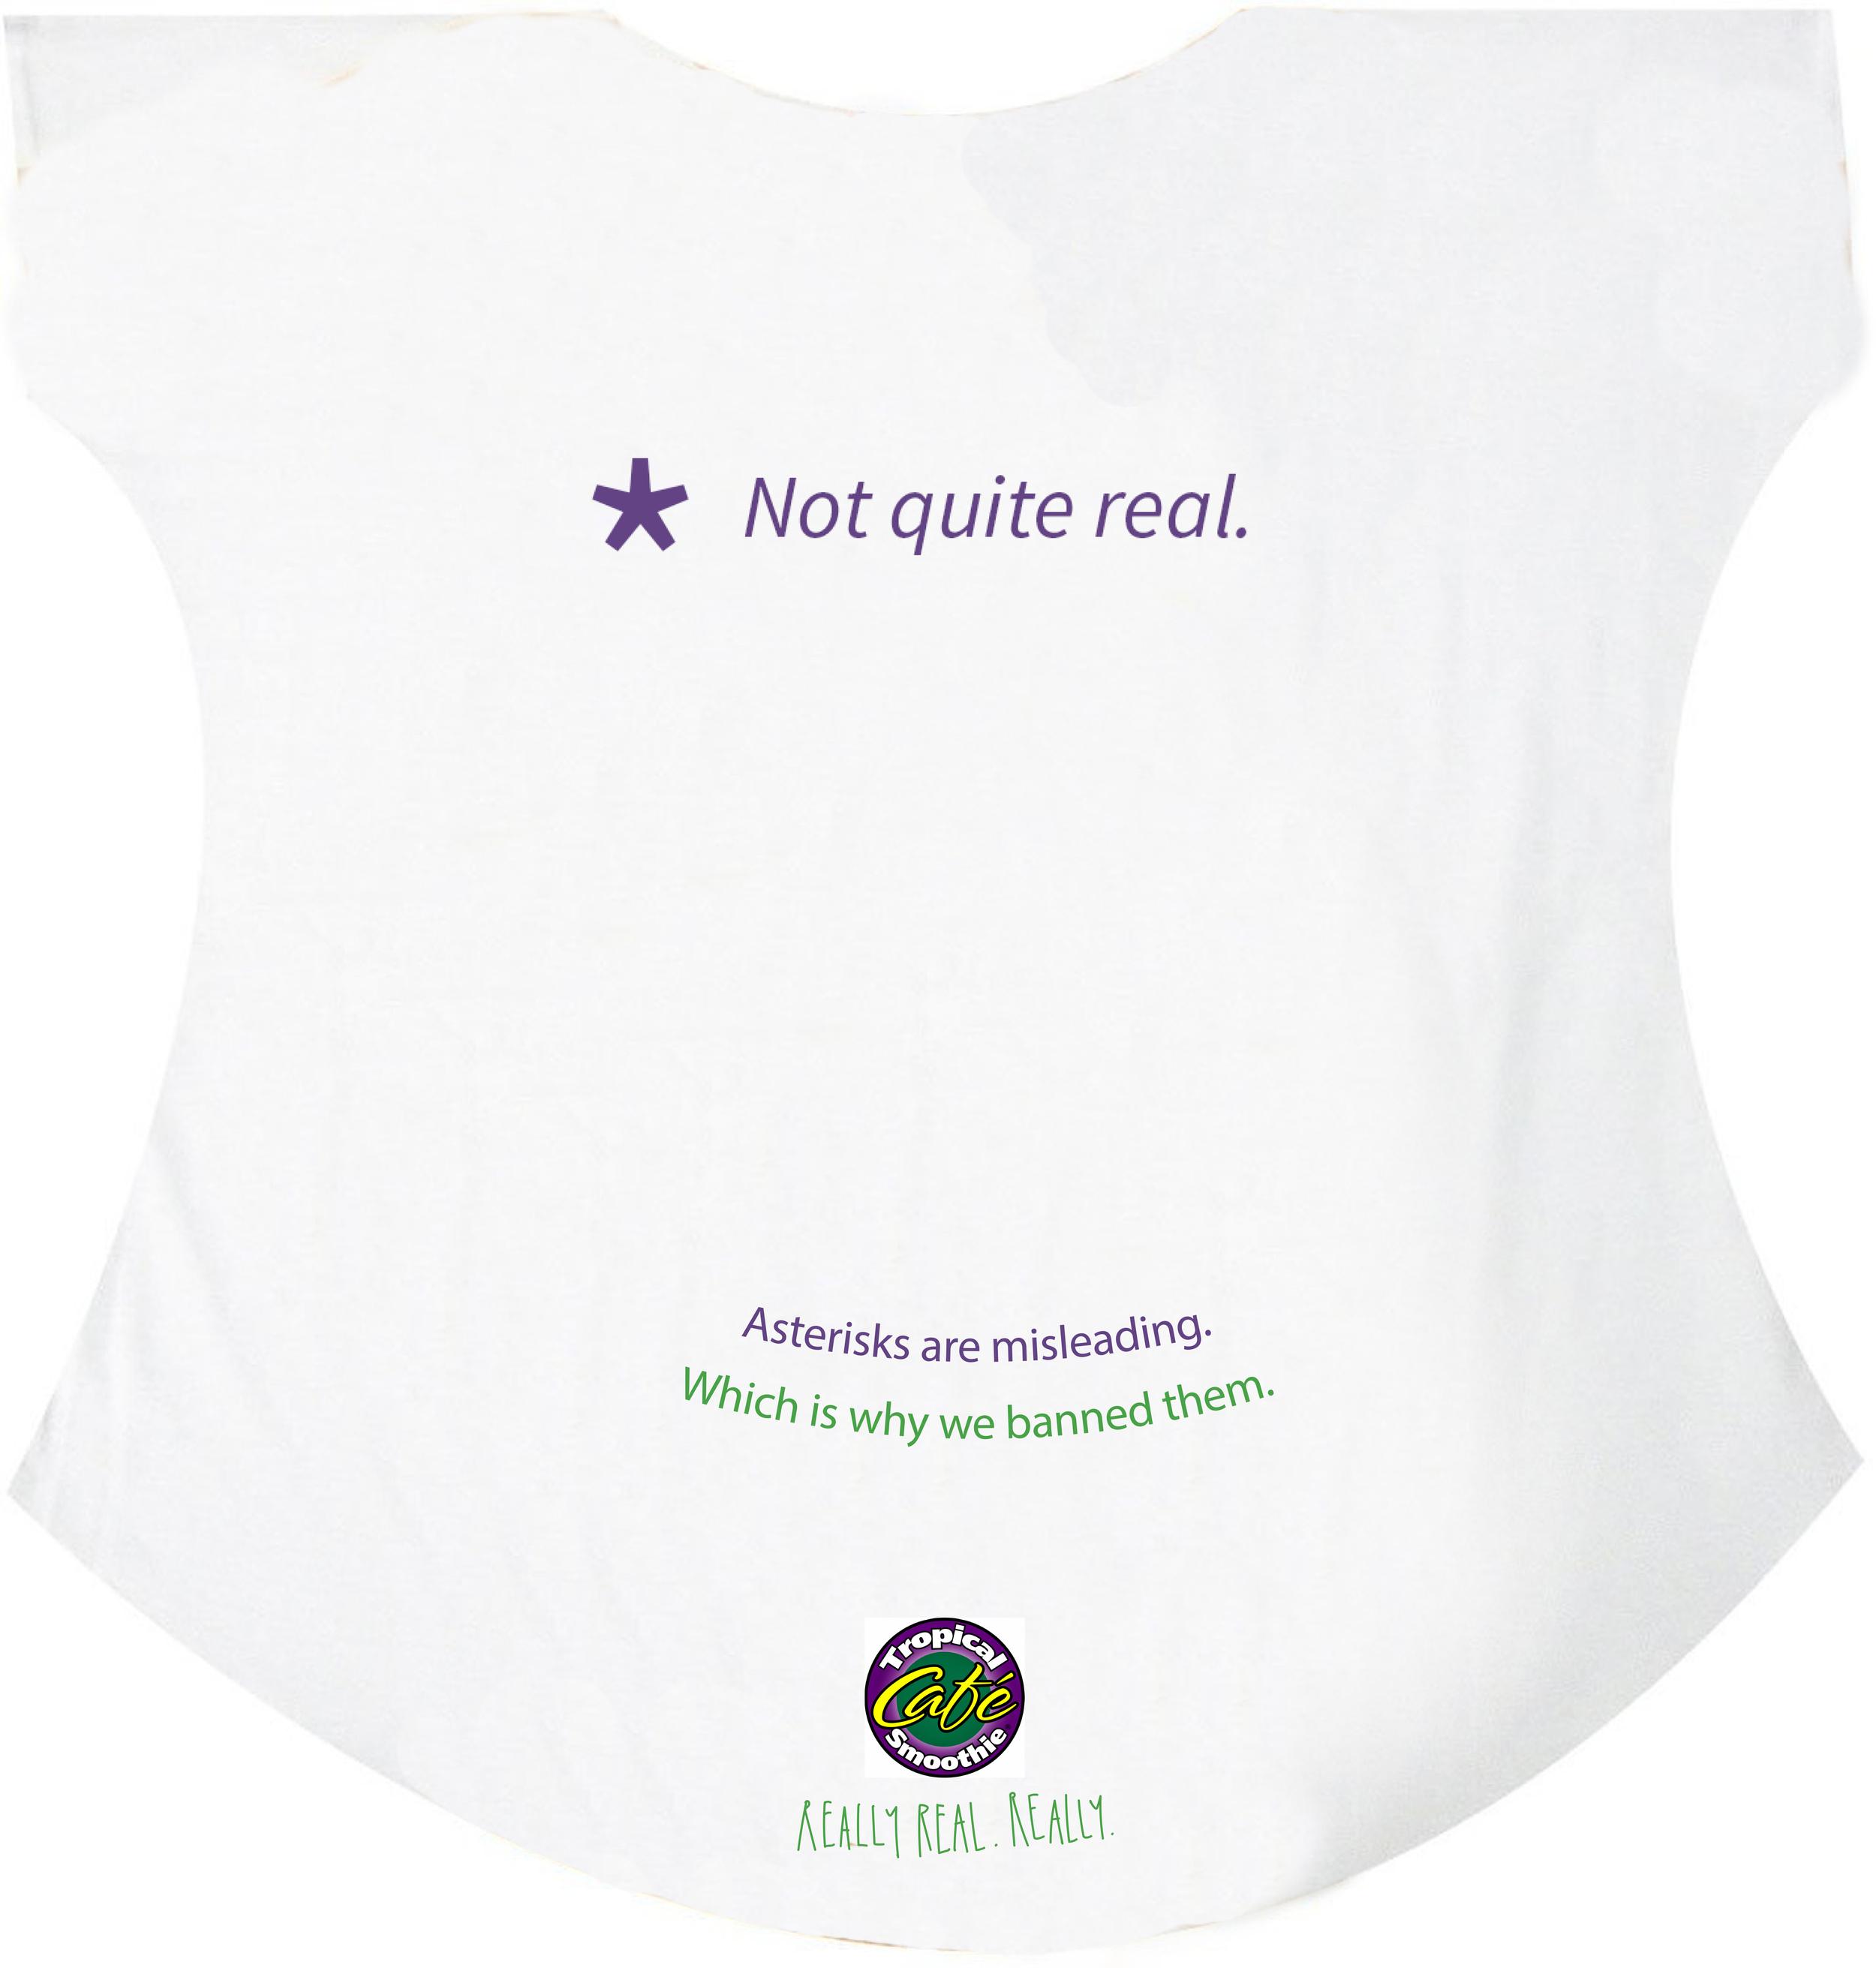 backofshirt.jpg